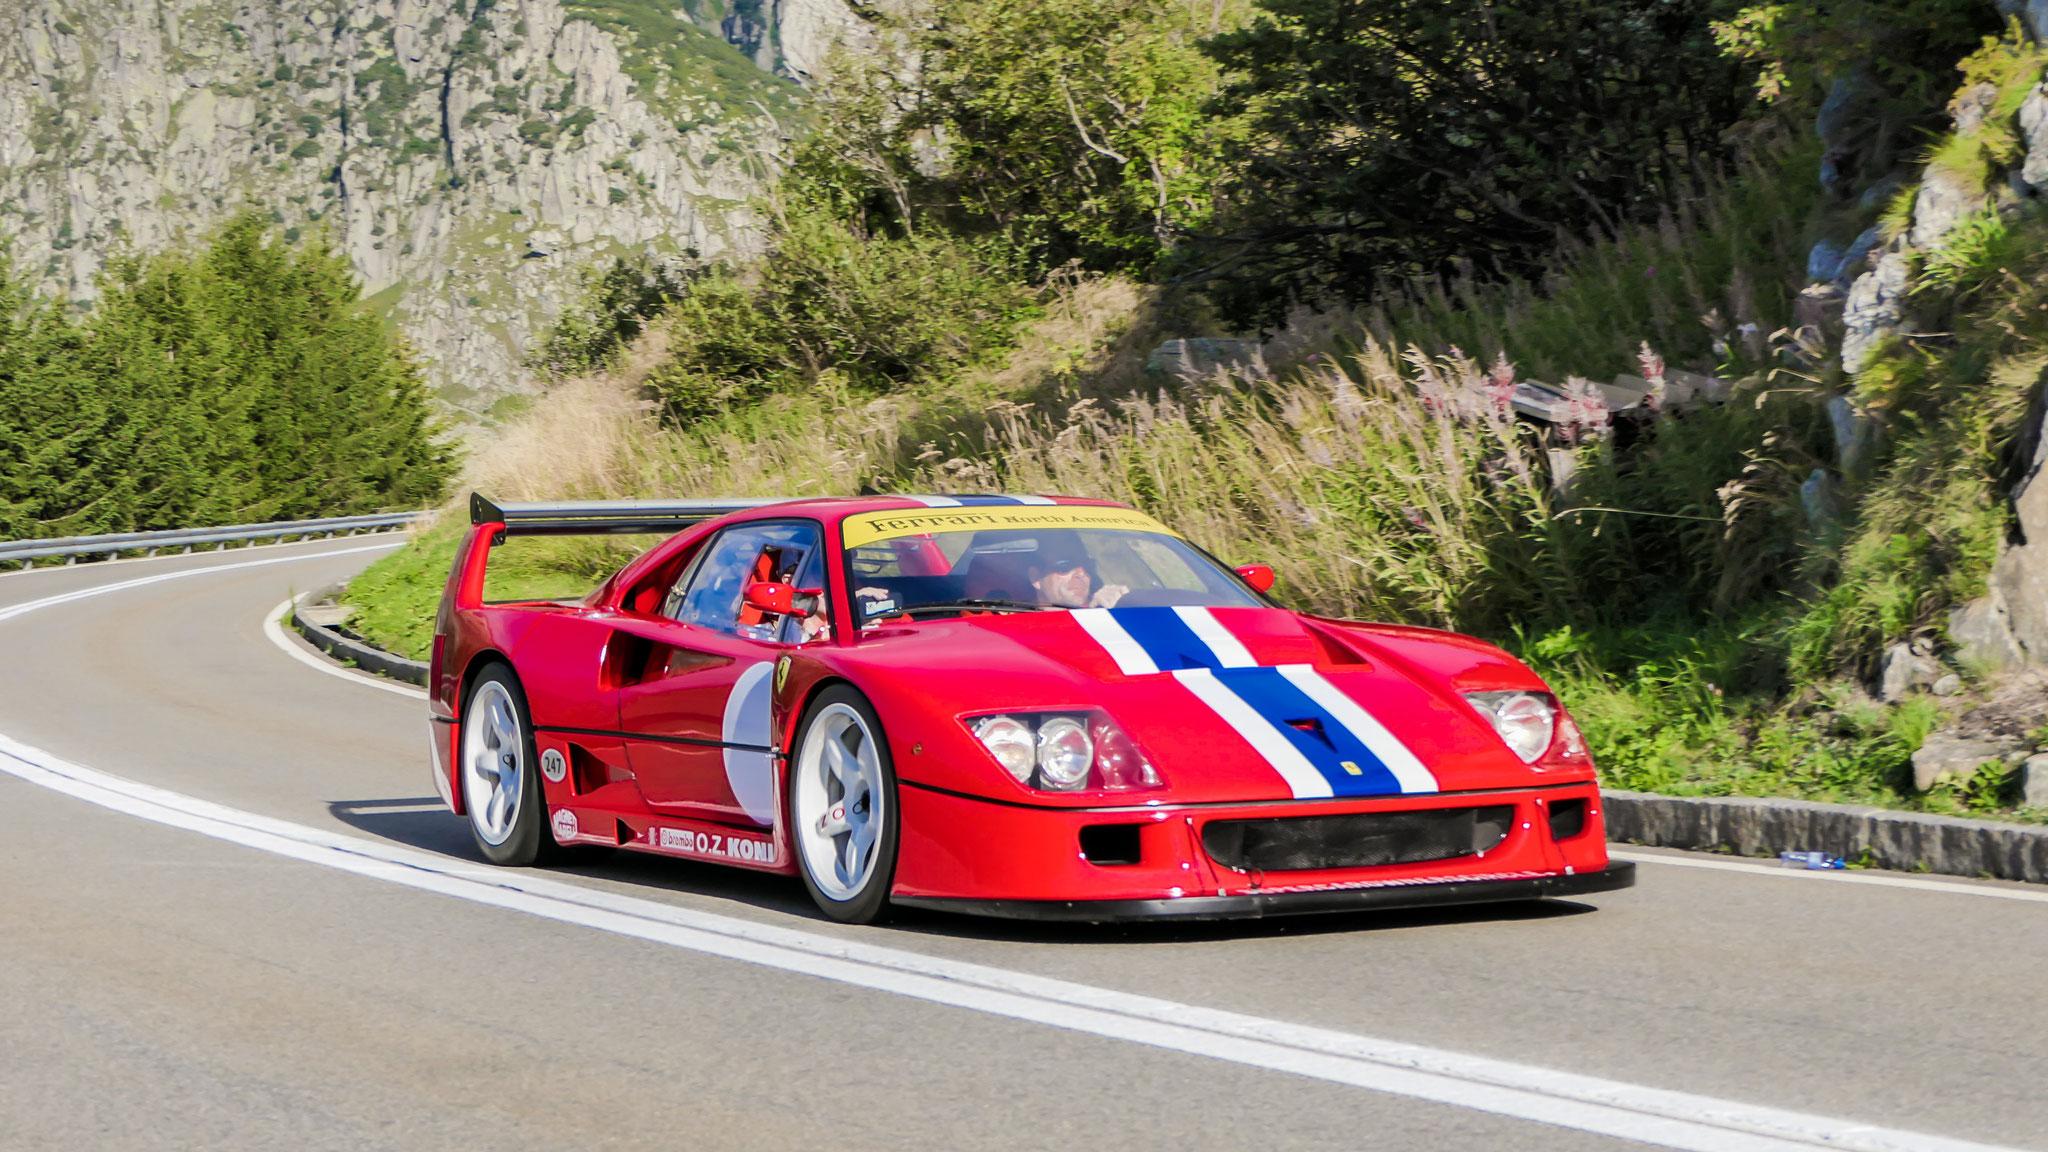 Ferrari F40 LM - K420-HRM (GB)